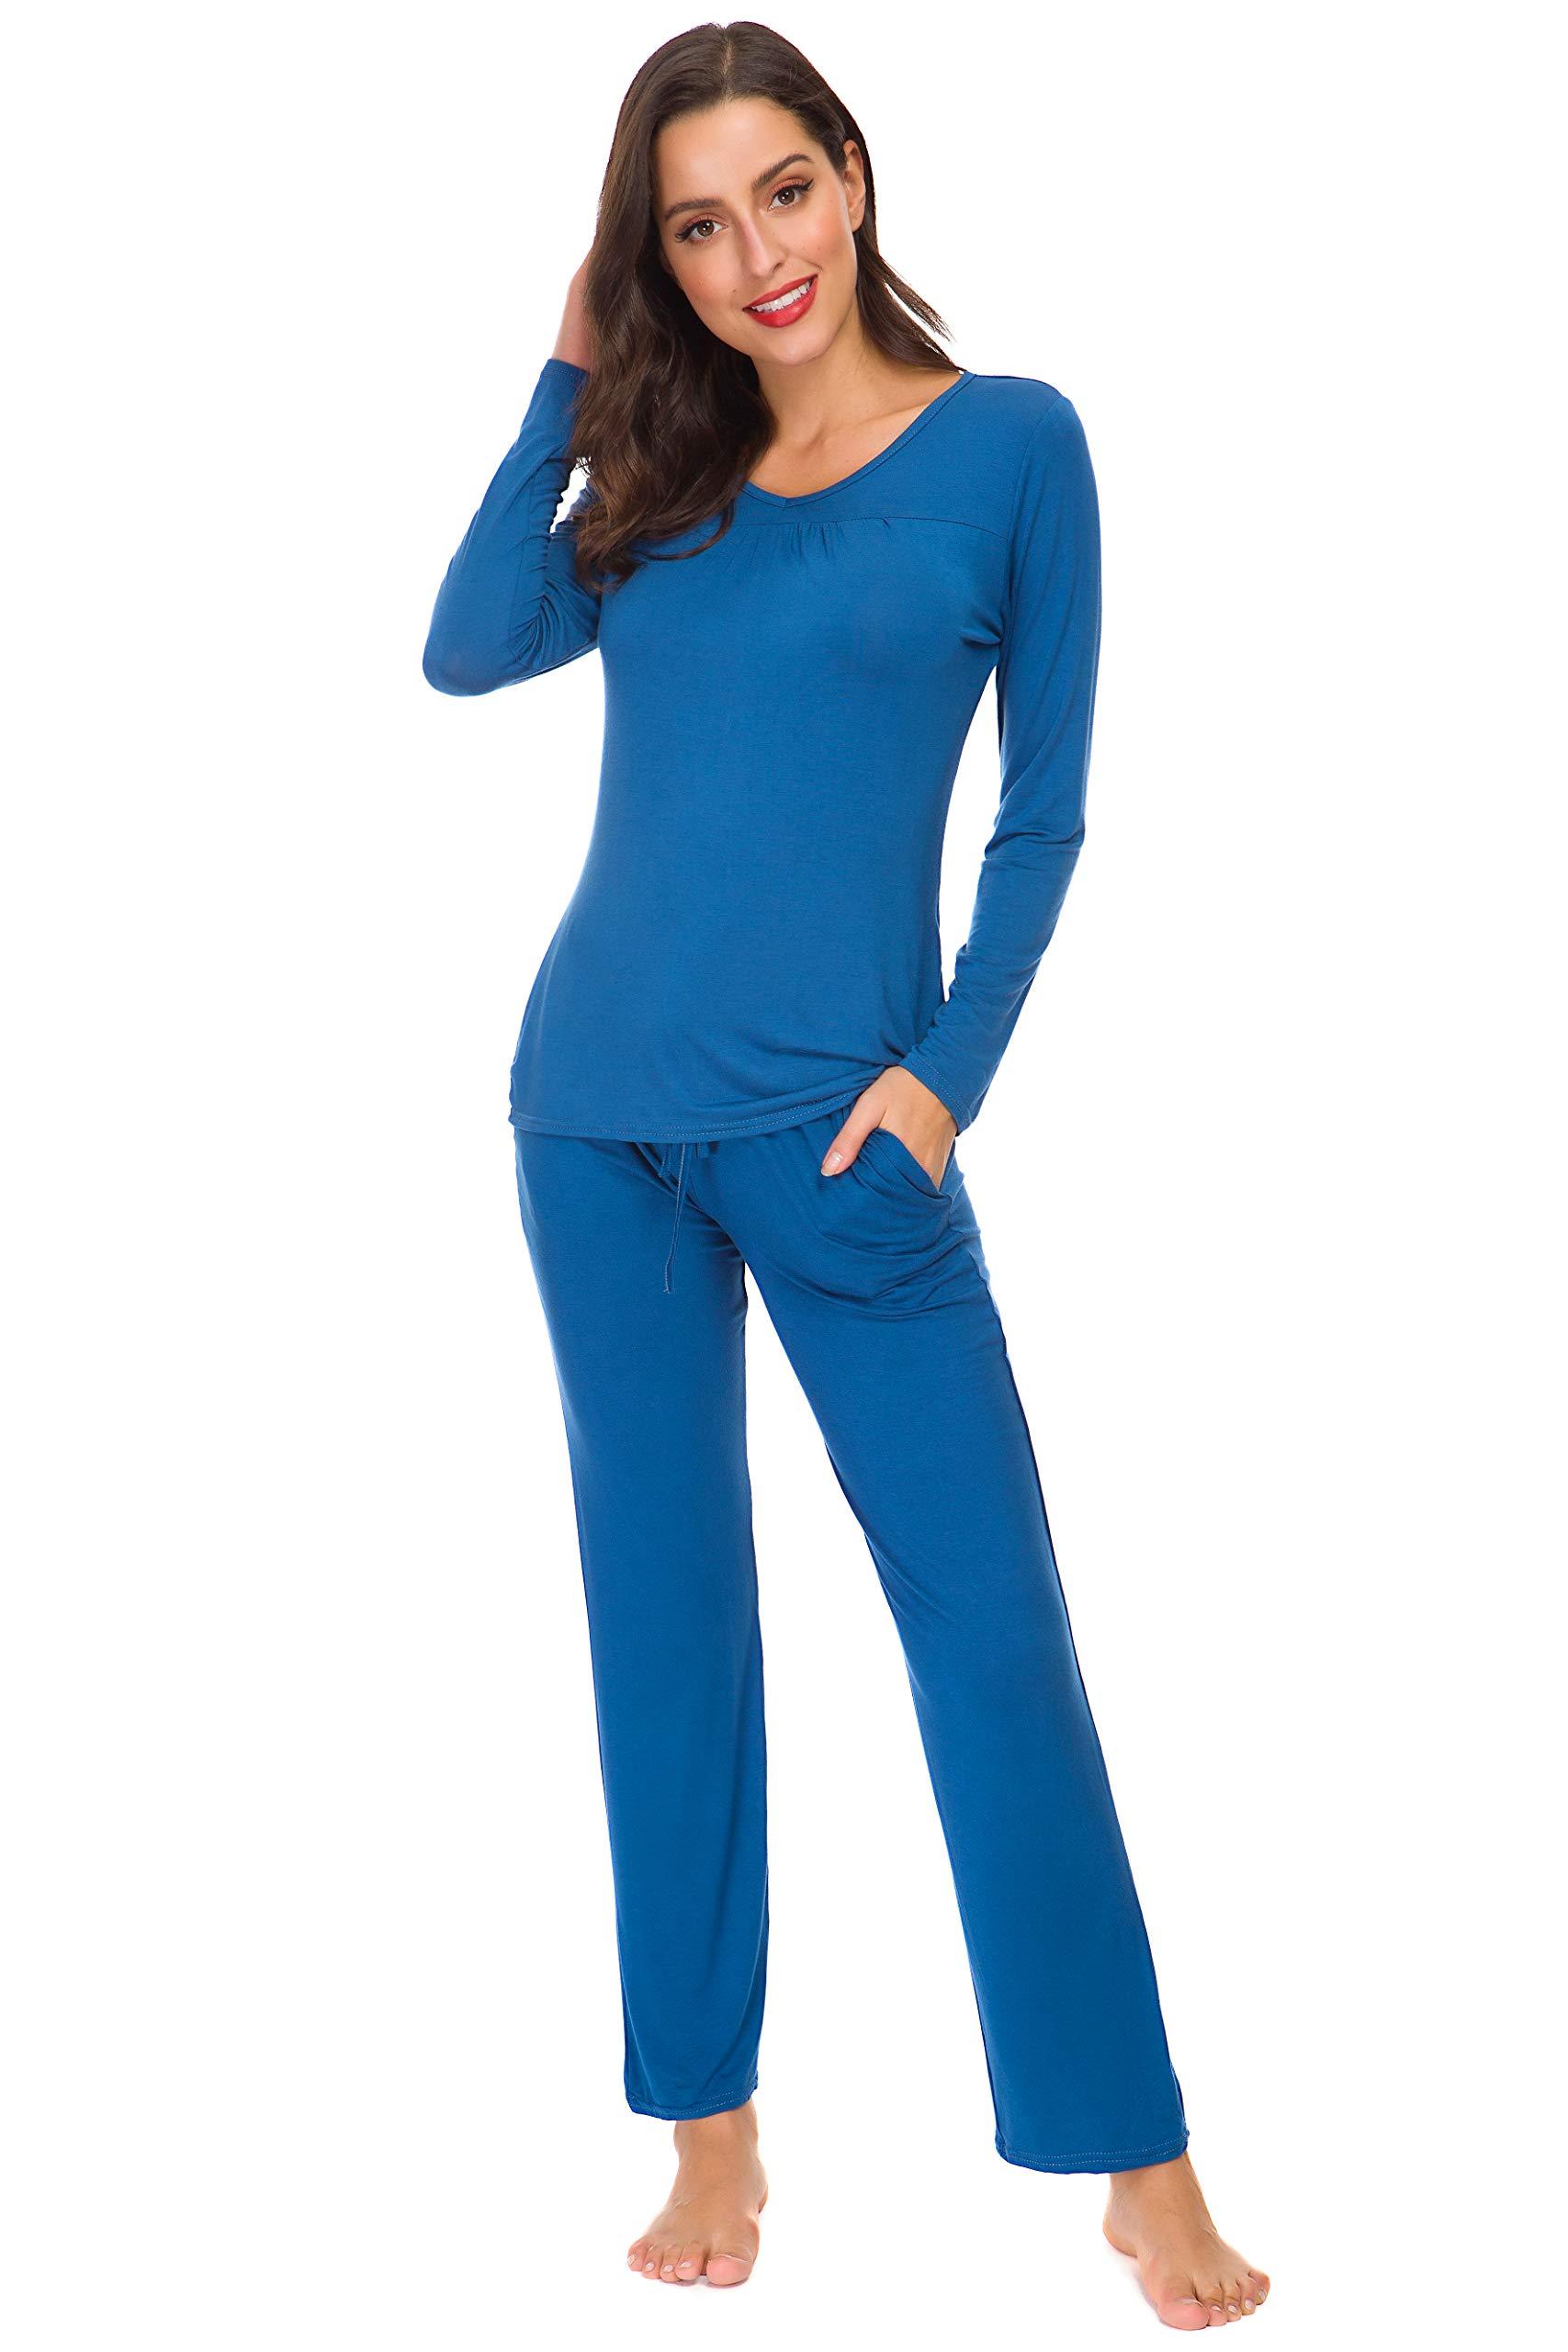 ARBLOVE Pijama Mujer Invierno Algodon 2 Piezas,Suave Cómodo Suelto y Agradable